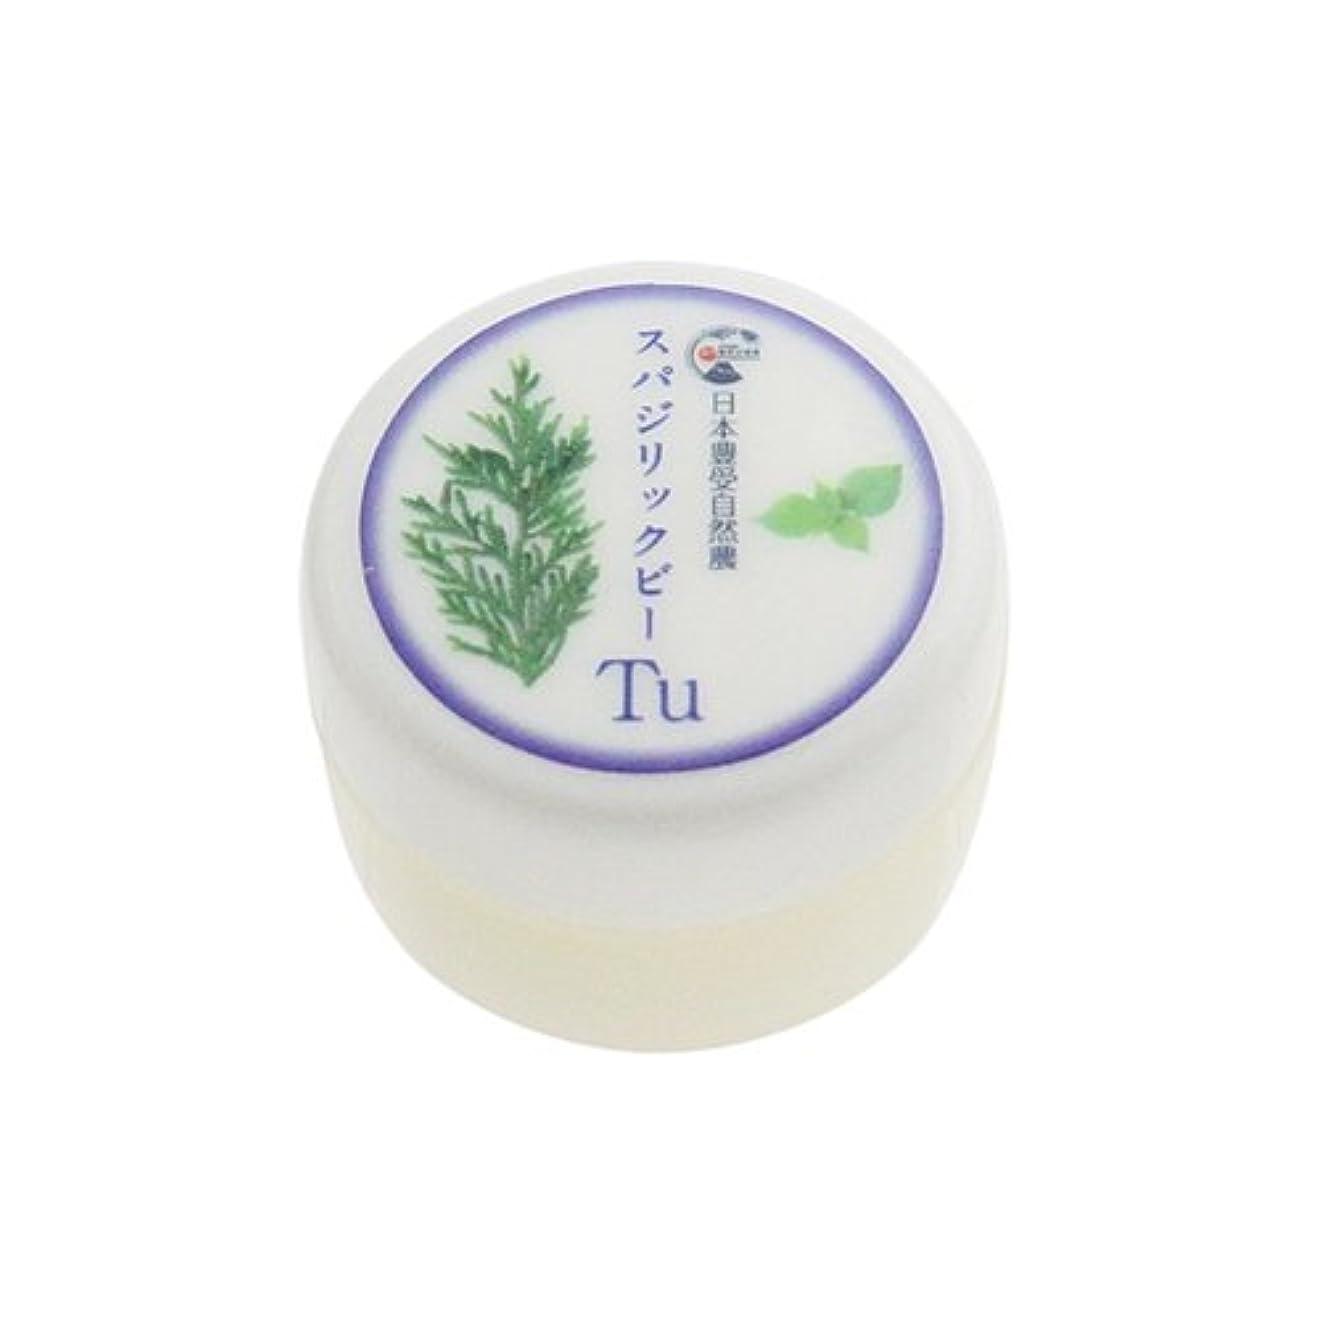 基準記憶に残るに負ける日本豊受自然農 スパジリック ビーTu(小) 10g